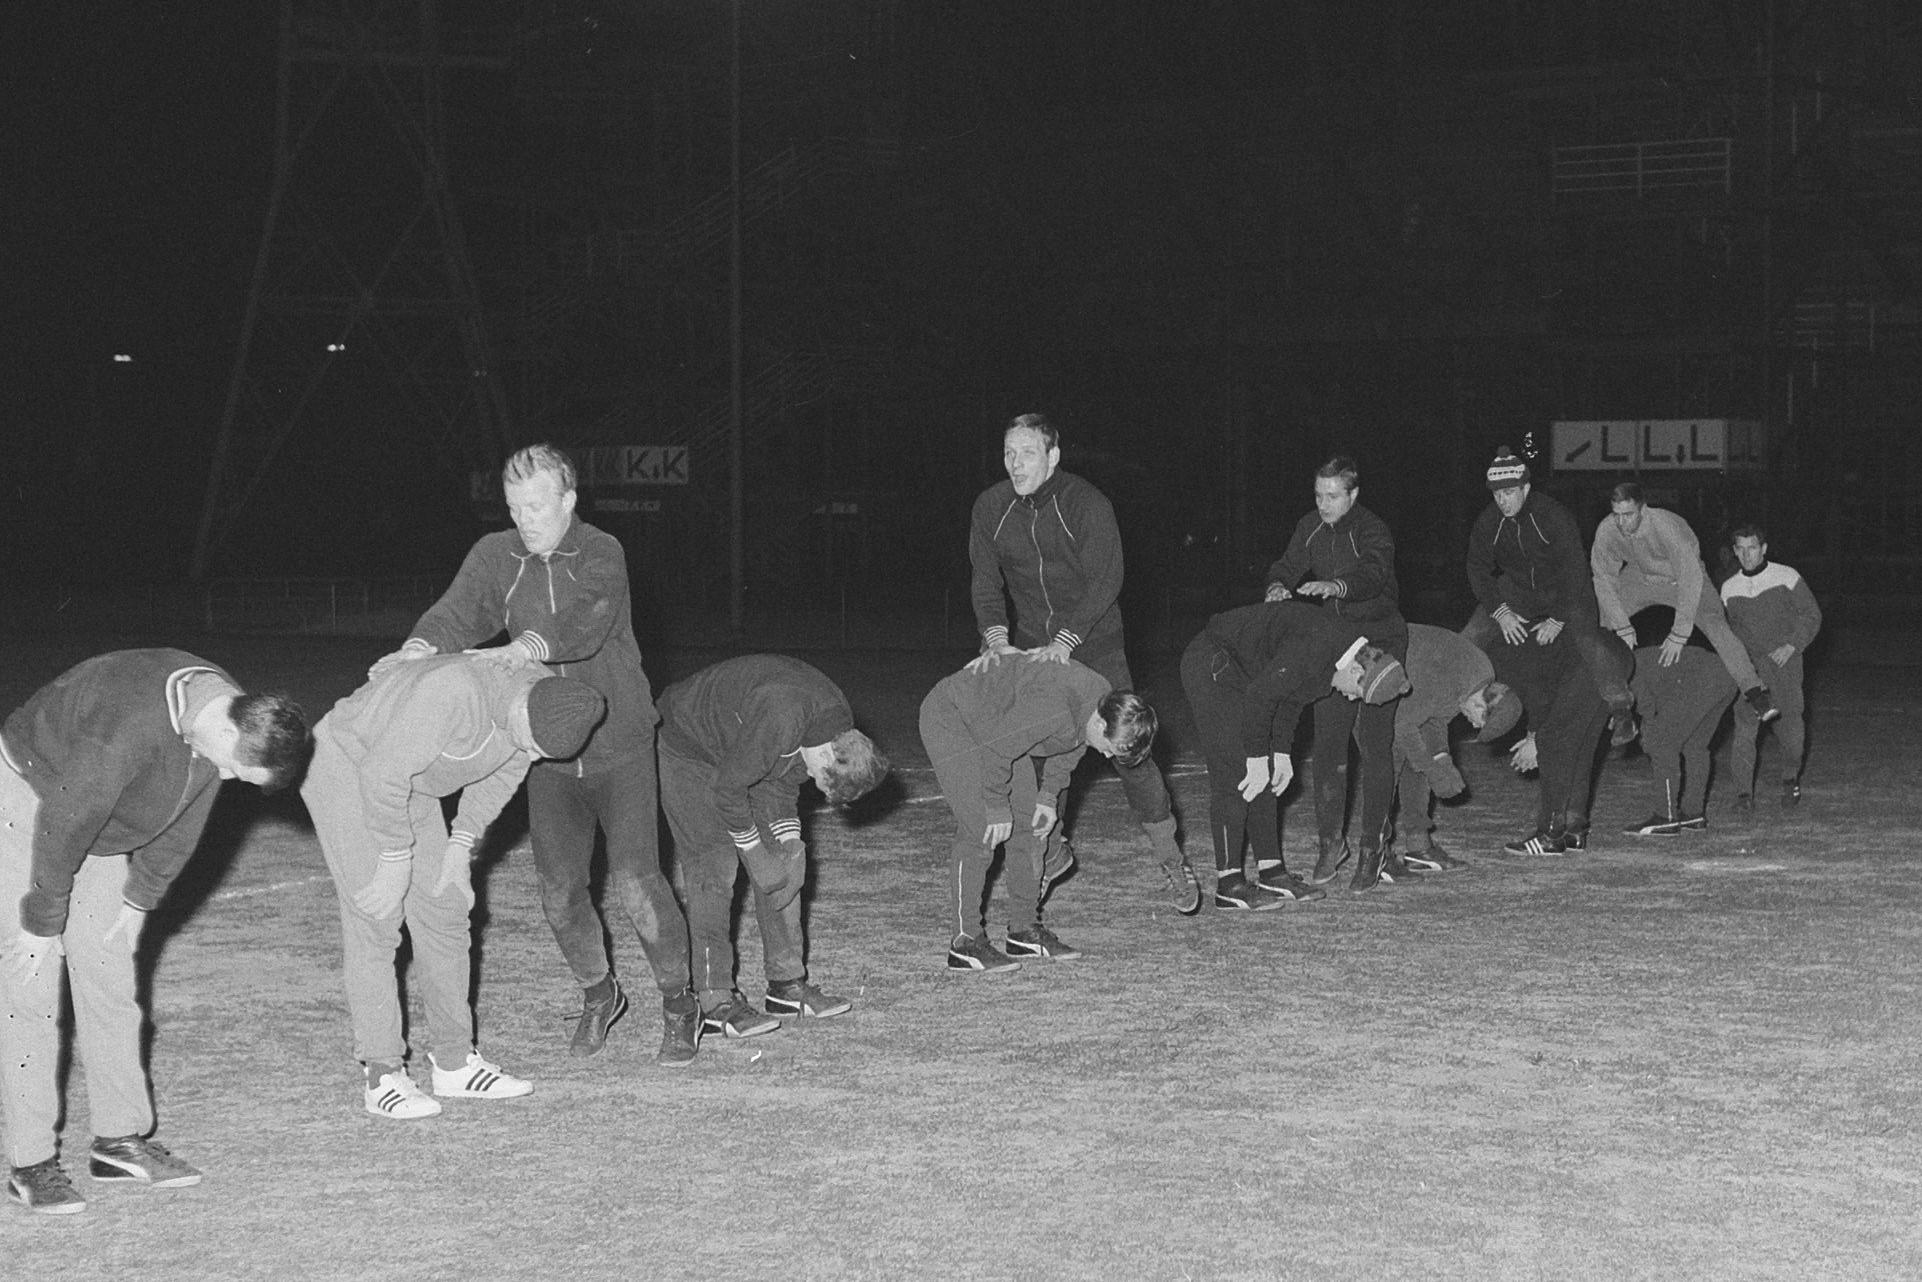 Haasje-over tijdens een training van Feyenoord